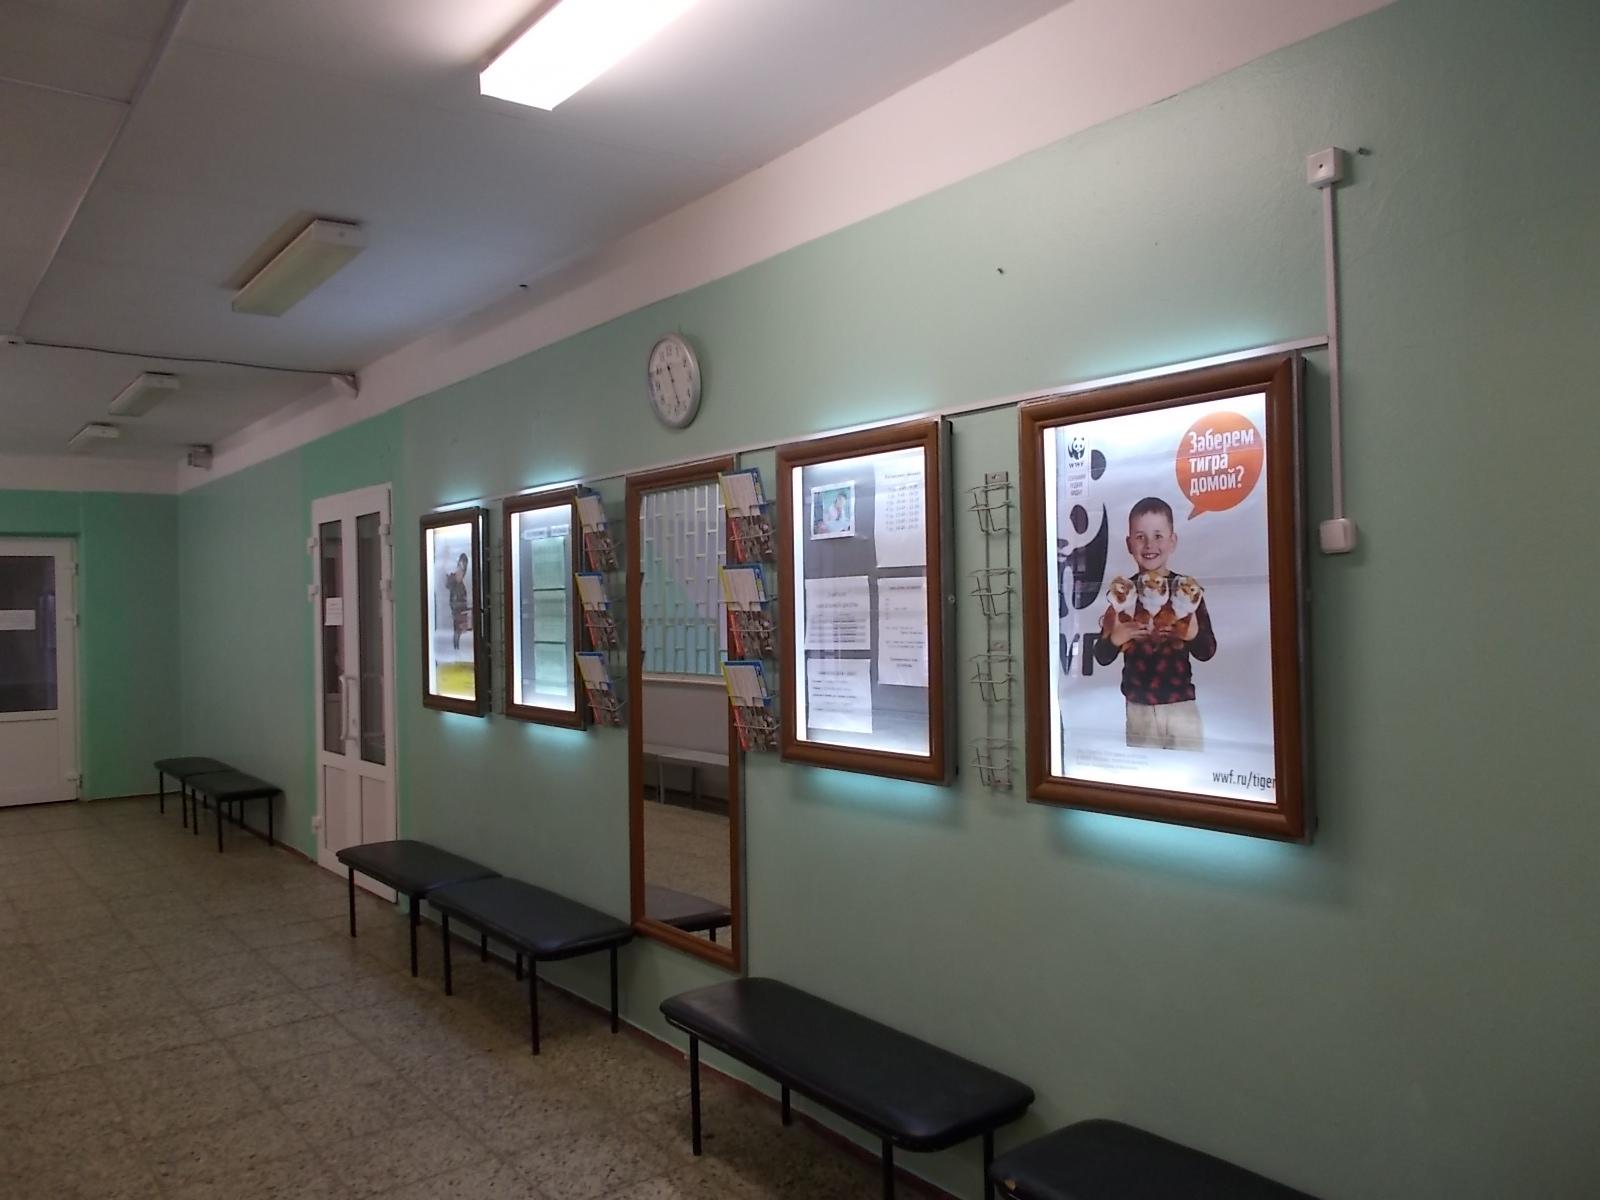 cd8ca5879f1 «Наша компания с удовольствием предоставила Всемирному фонду дикой природы  свой инвентарь для размещения социальных постеров